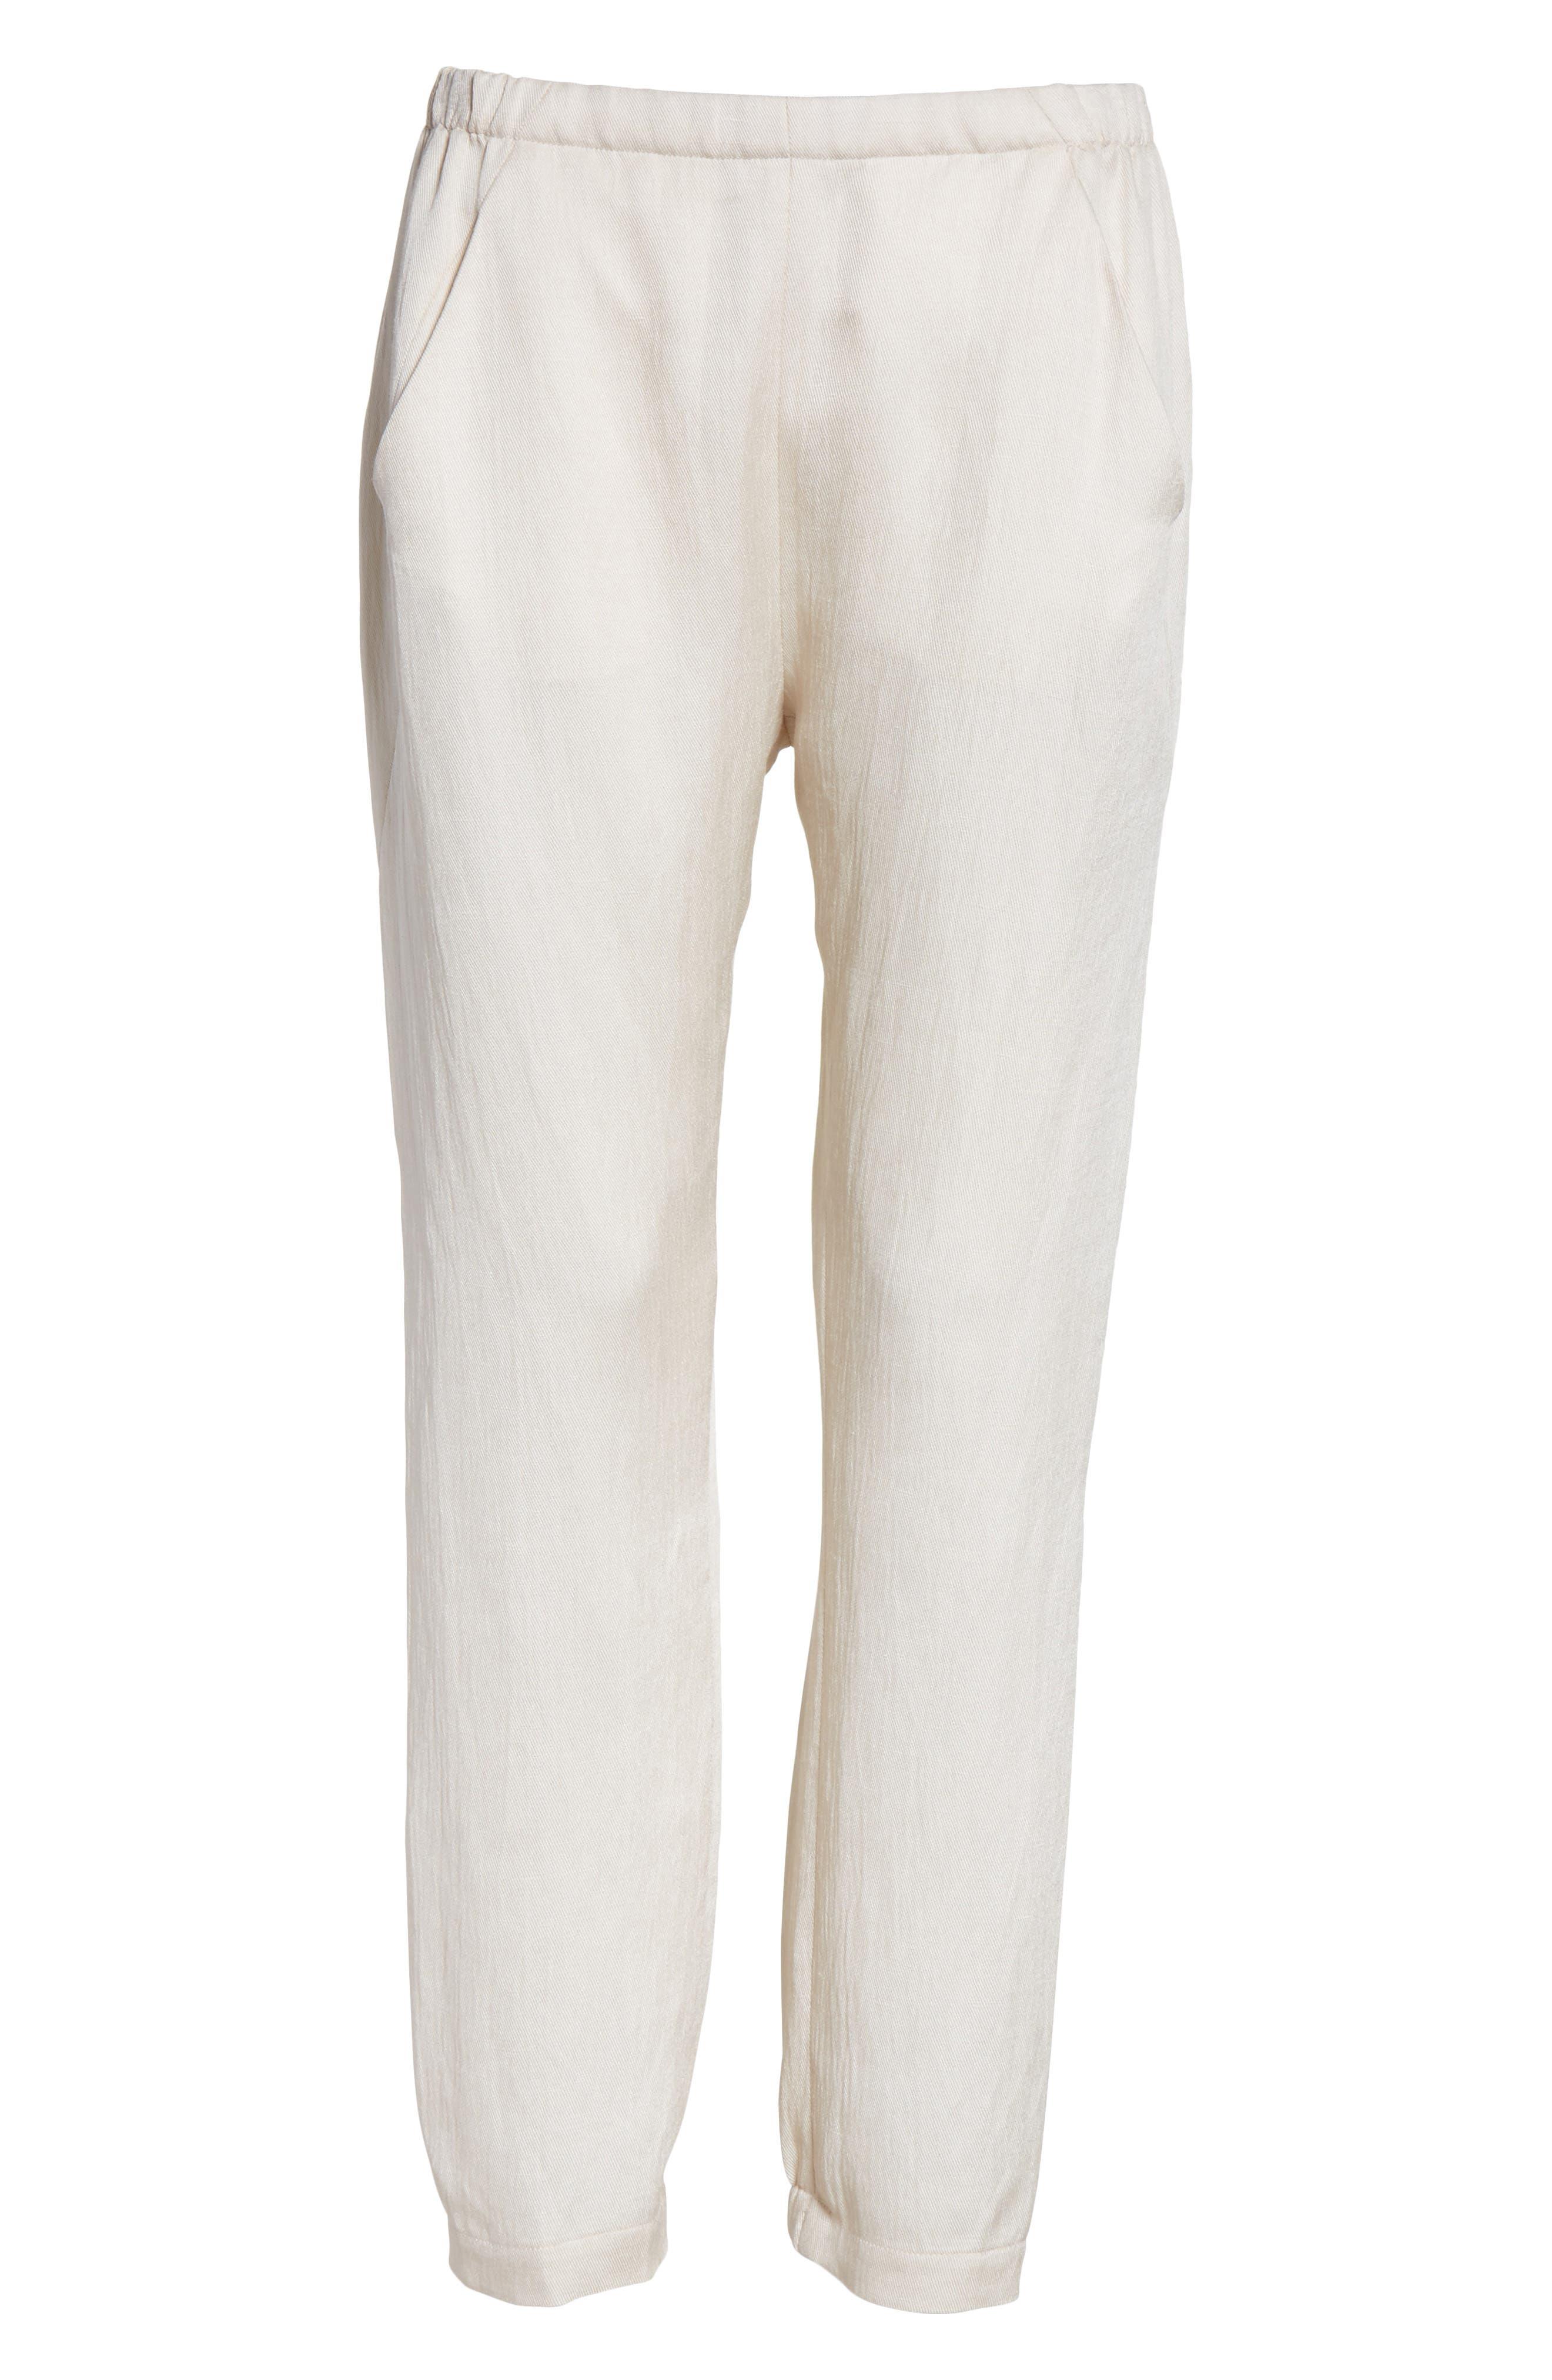 Gabi Eco Drape Pants,                             Alternate thumbnail 6, color,